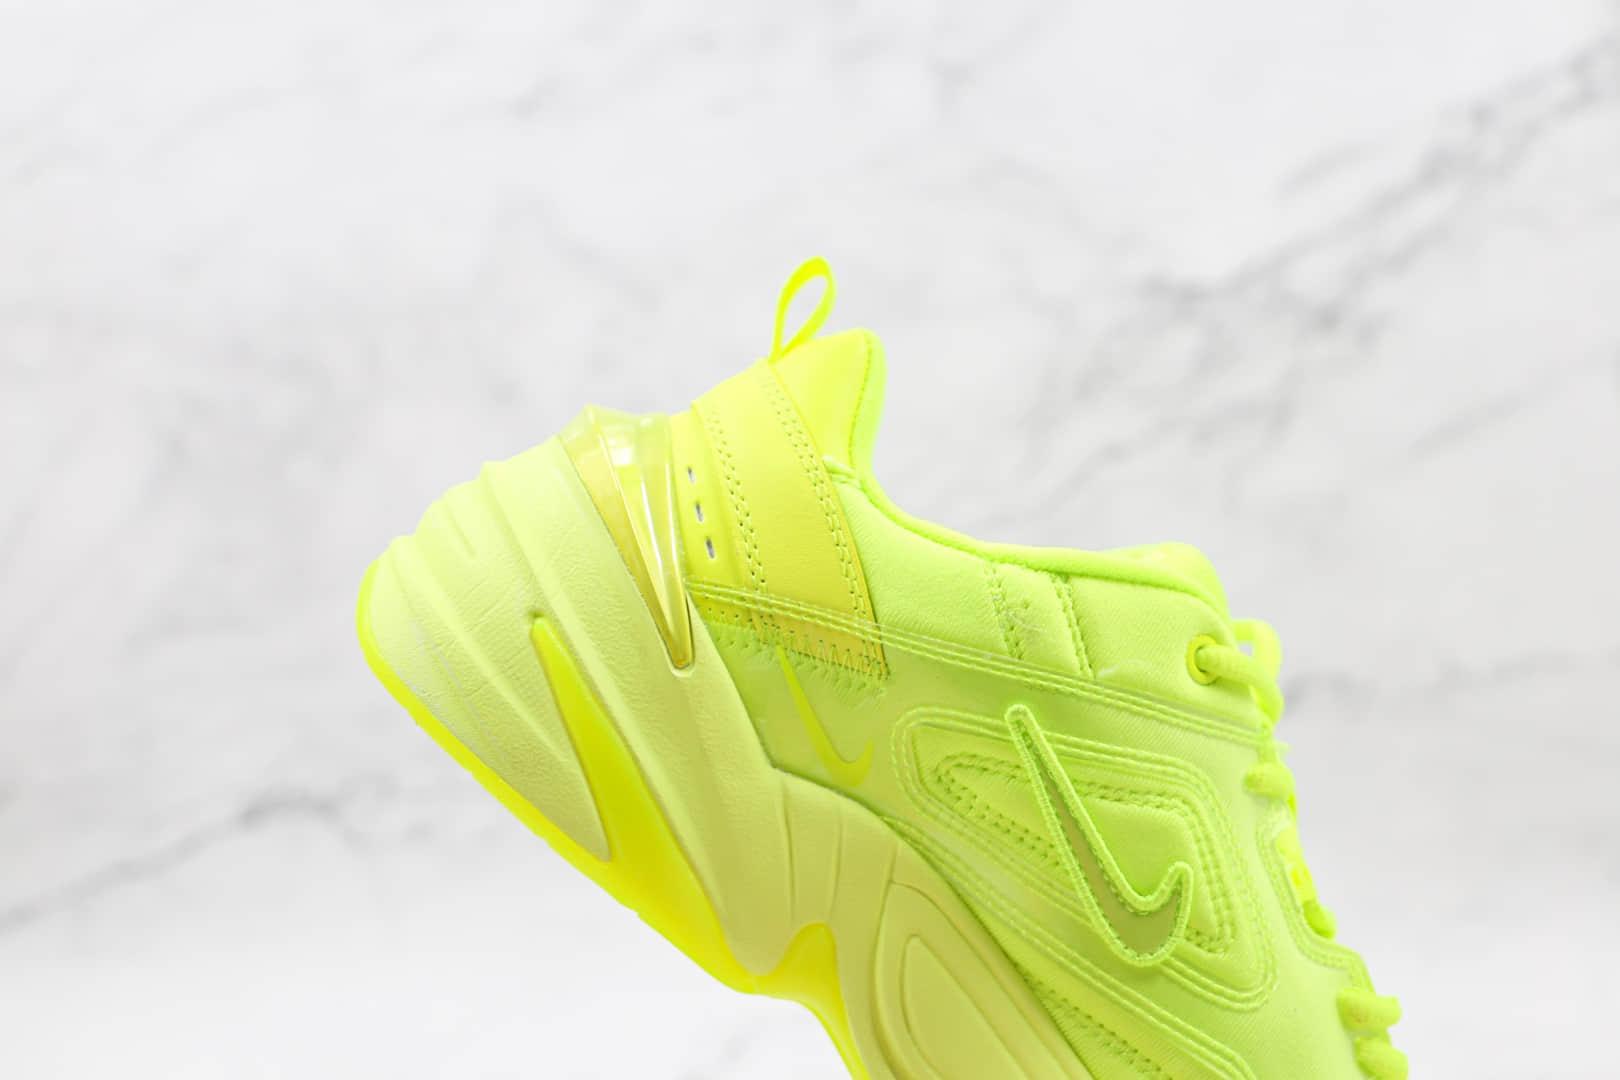 耐克Nike Air Monarch M2K纯原版本复古老爹鞋M2K荧光绿慢跑鞋原盒原标 货号:CI5749-777